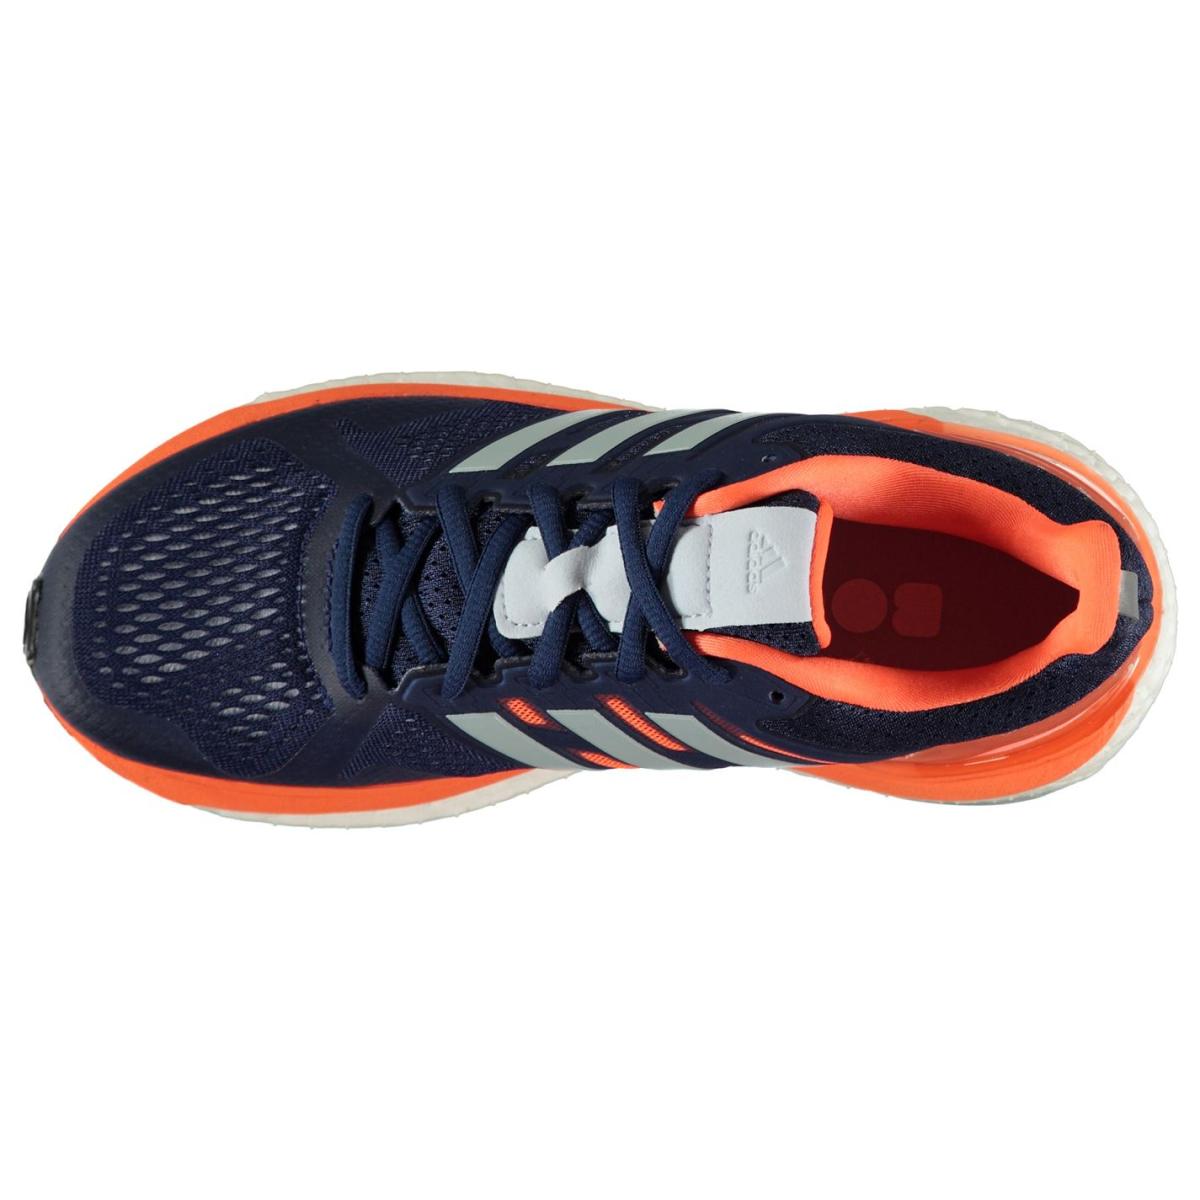 adidas Damen Laufschuhe Supernova Blau_Orange